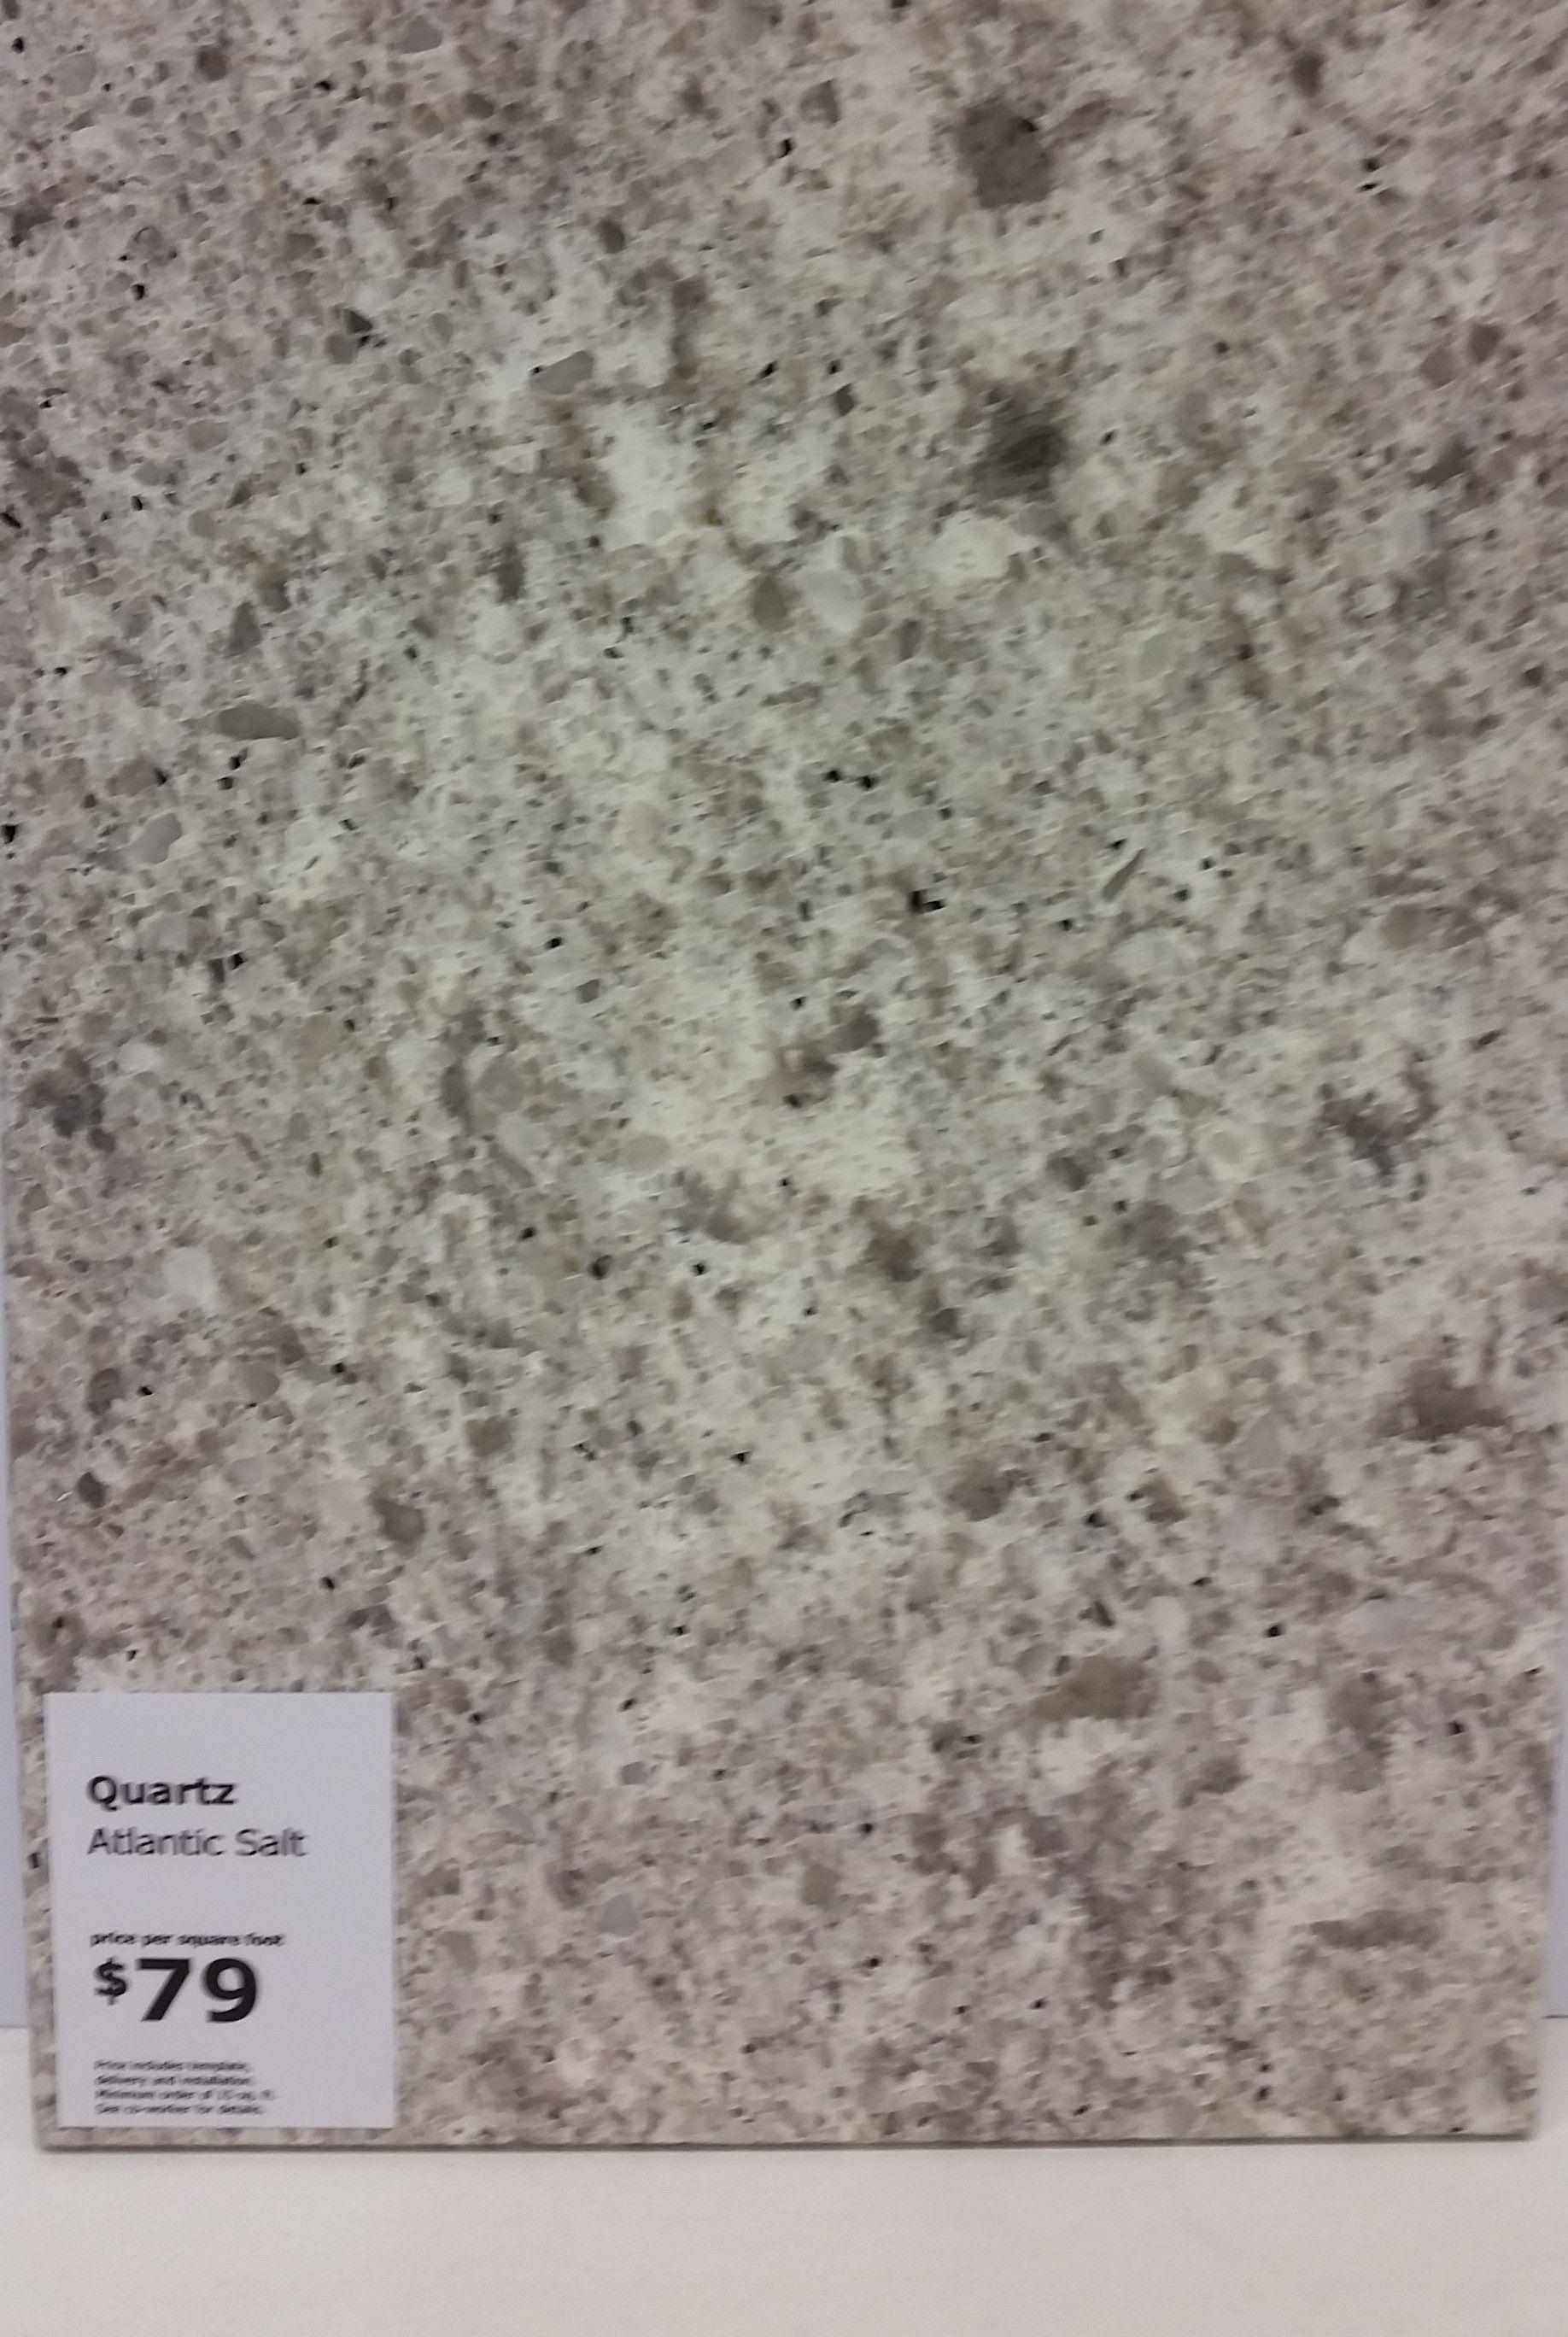 Ikea Atlantic Salt Quartz Countertop Total Cost 79 Per Square